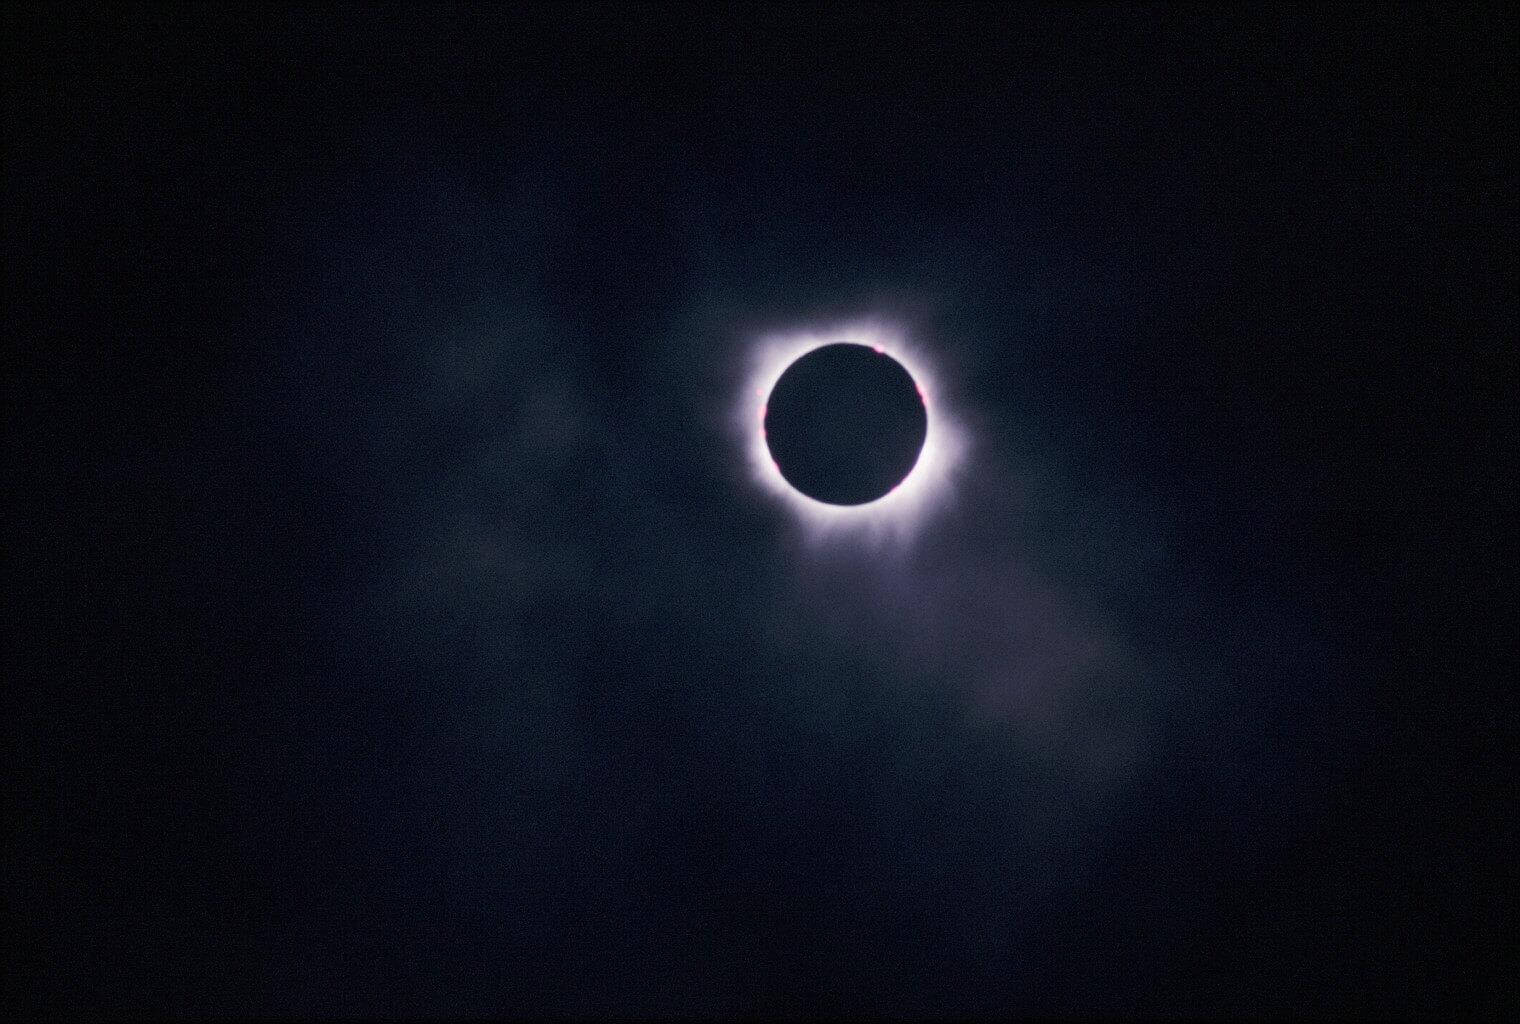 eclipse solaire - indonésie - 80 jours voyages